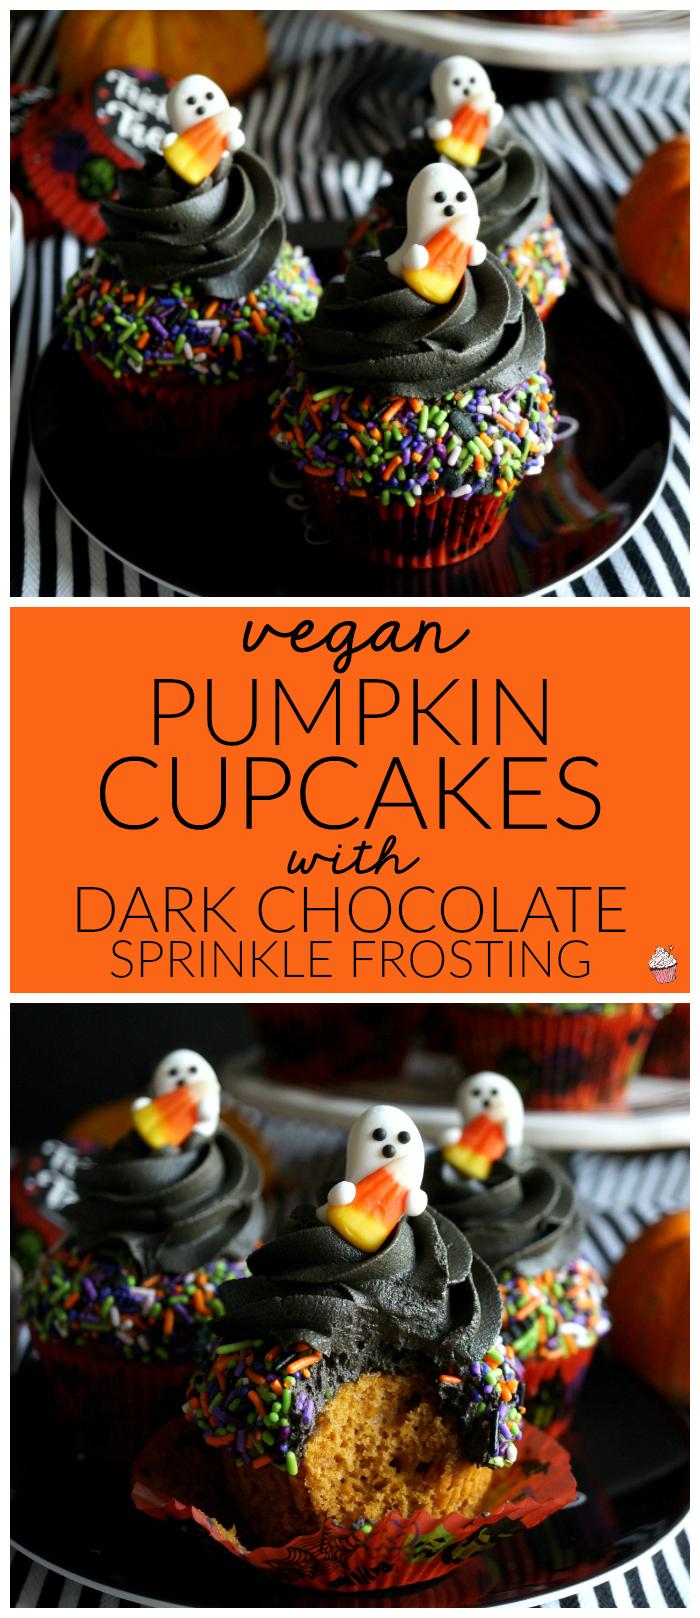 vegan pumpkin cupcakes with dark chocolate sprinkle frosting | The Baking Fairy #HalloweenTreatsWeek #ad